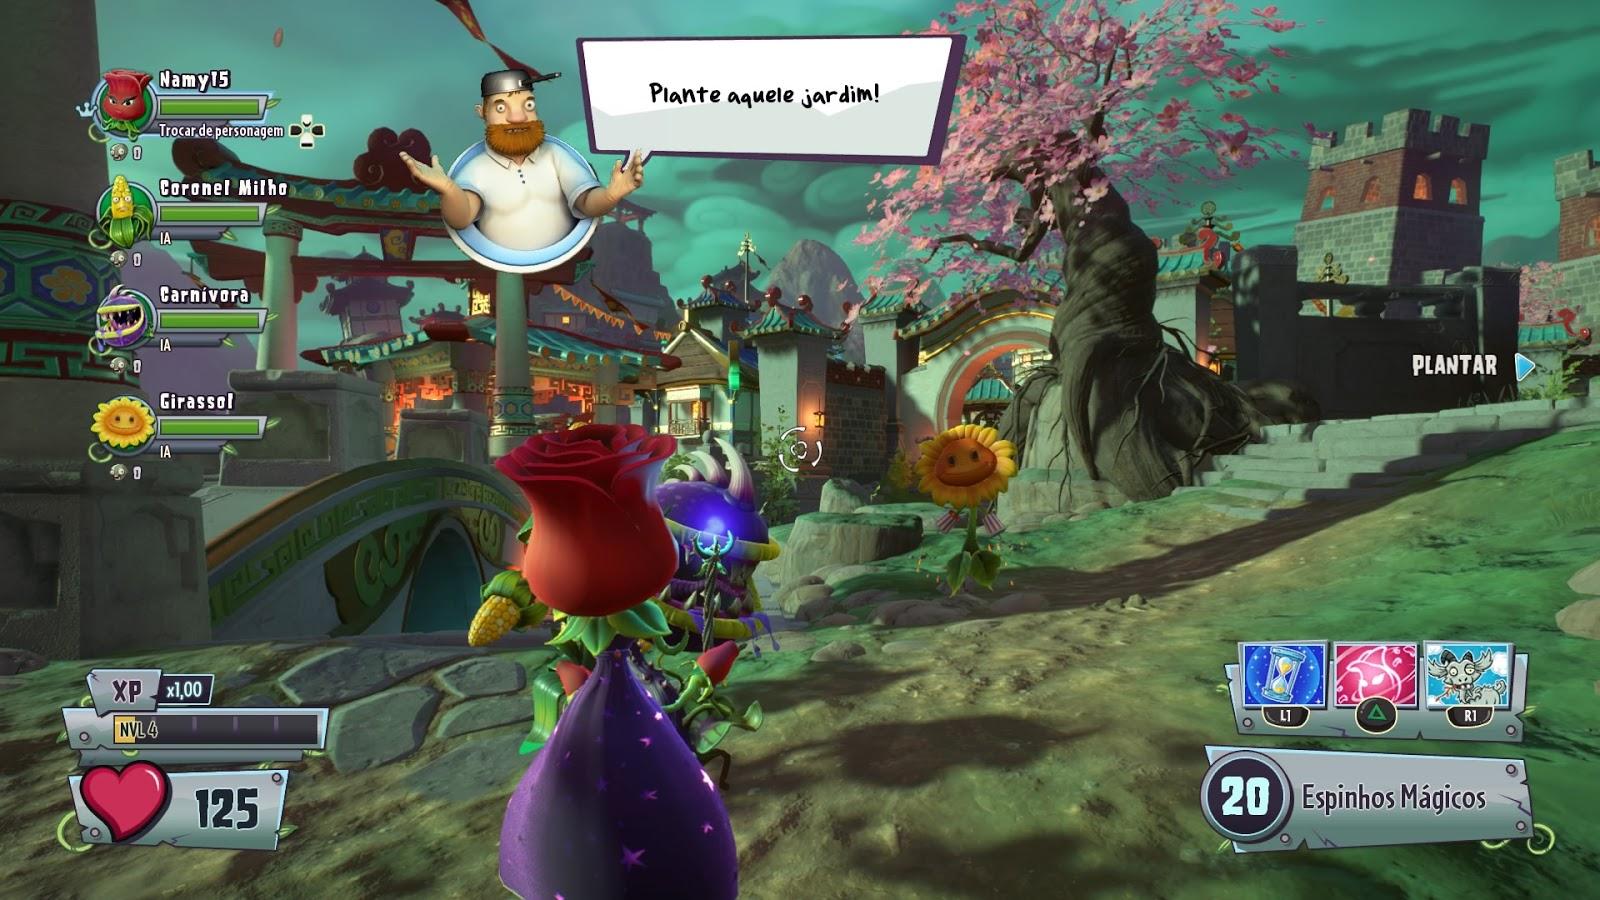 Plants Vs Zombies Garden Warfare 2 Riosgames